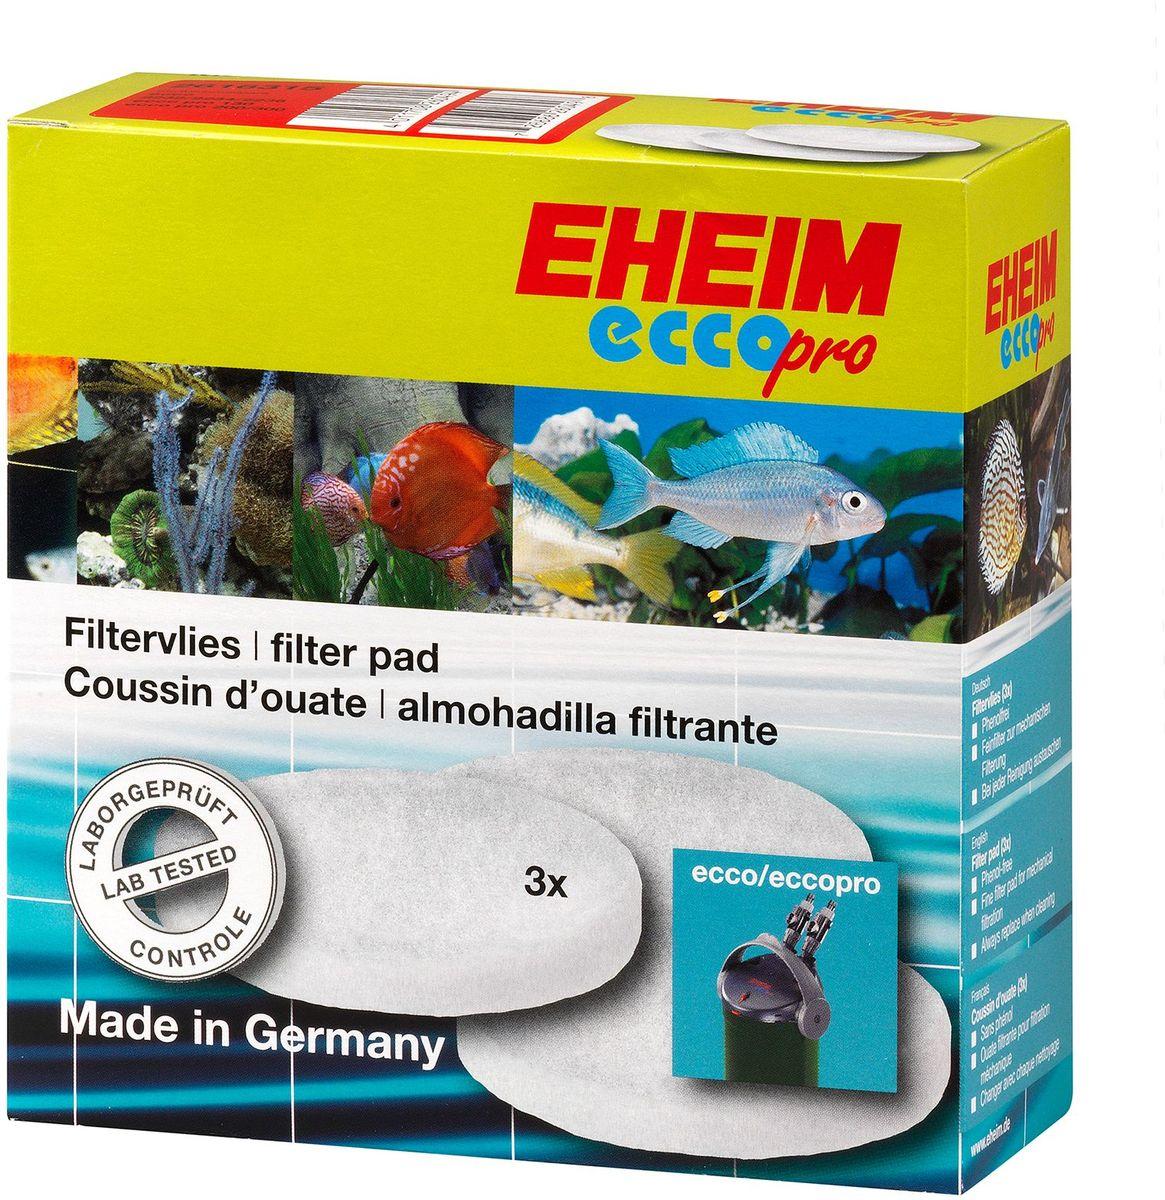 цена на Наполнитель для фильтра Eheim Eccopro 130/200/300, поролон, 3 шт